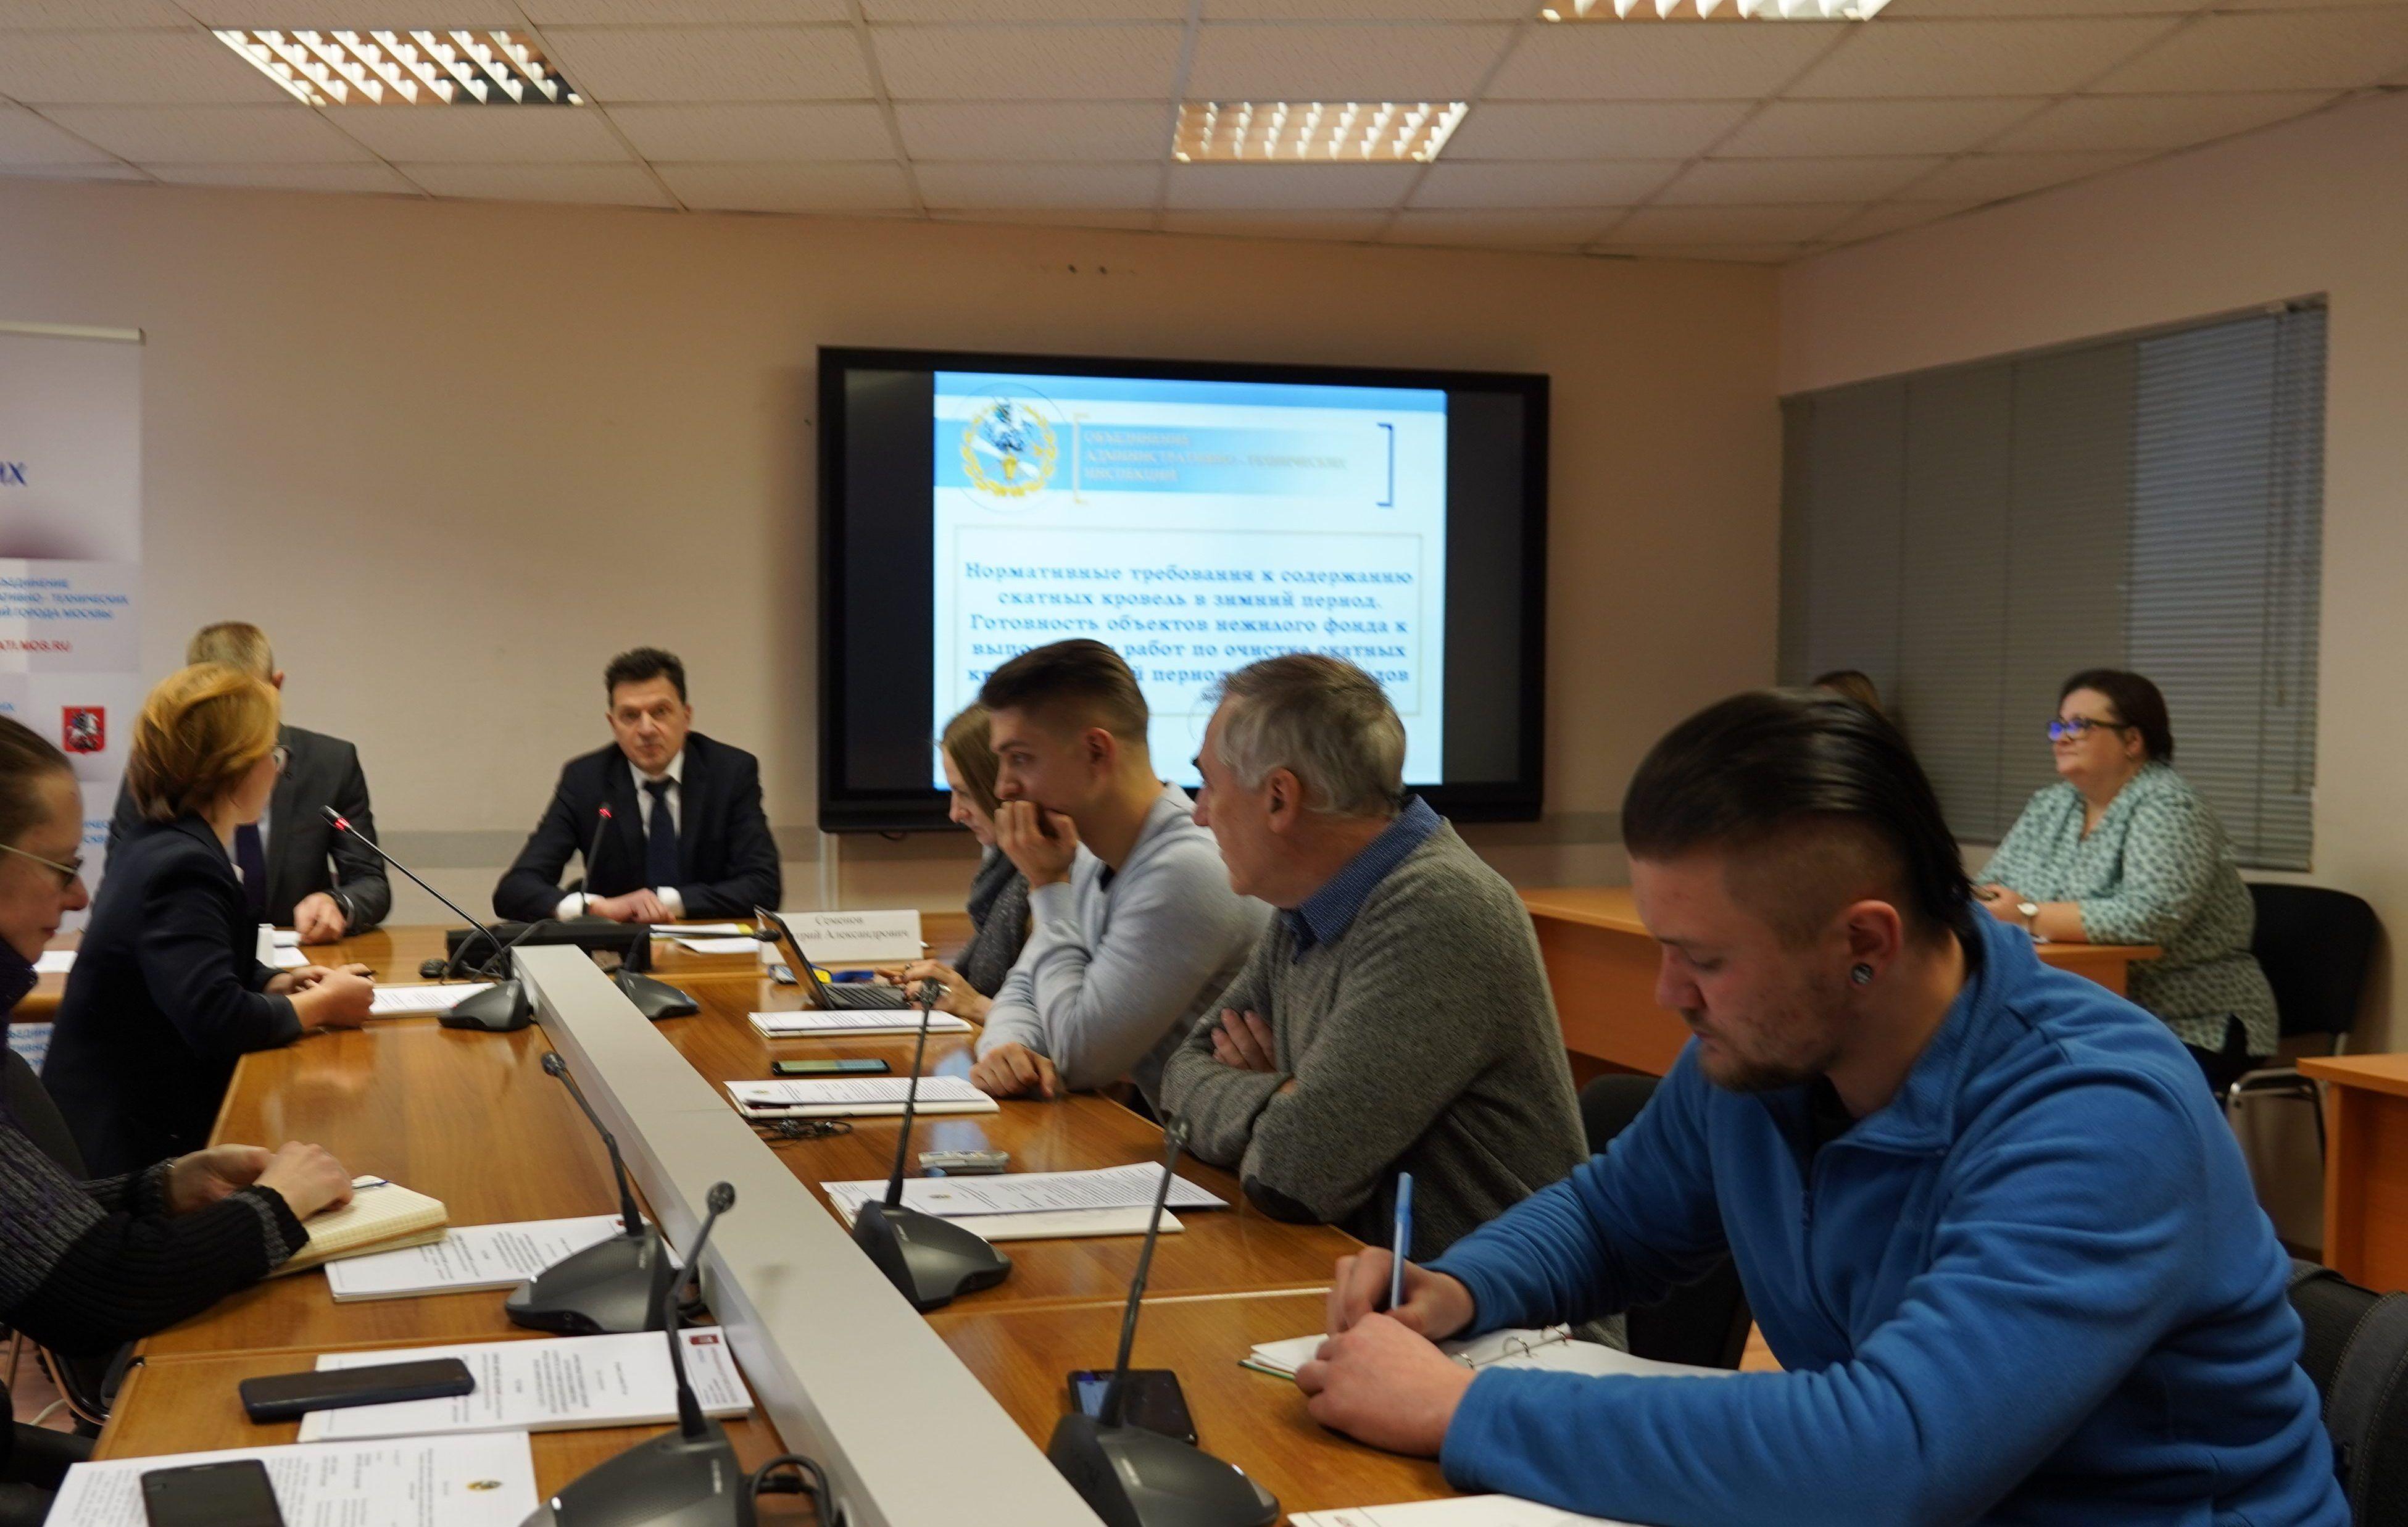 Пресс-конференцию о содержании скатных кровель зимой провели в Москве